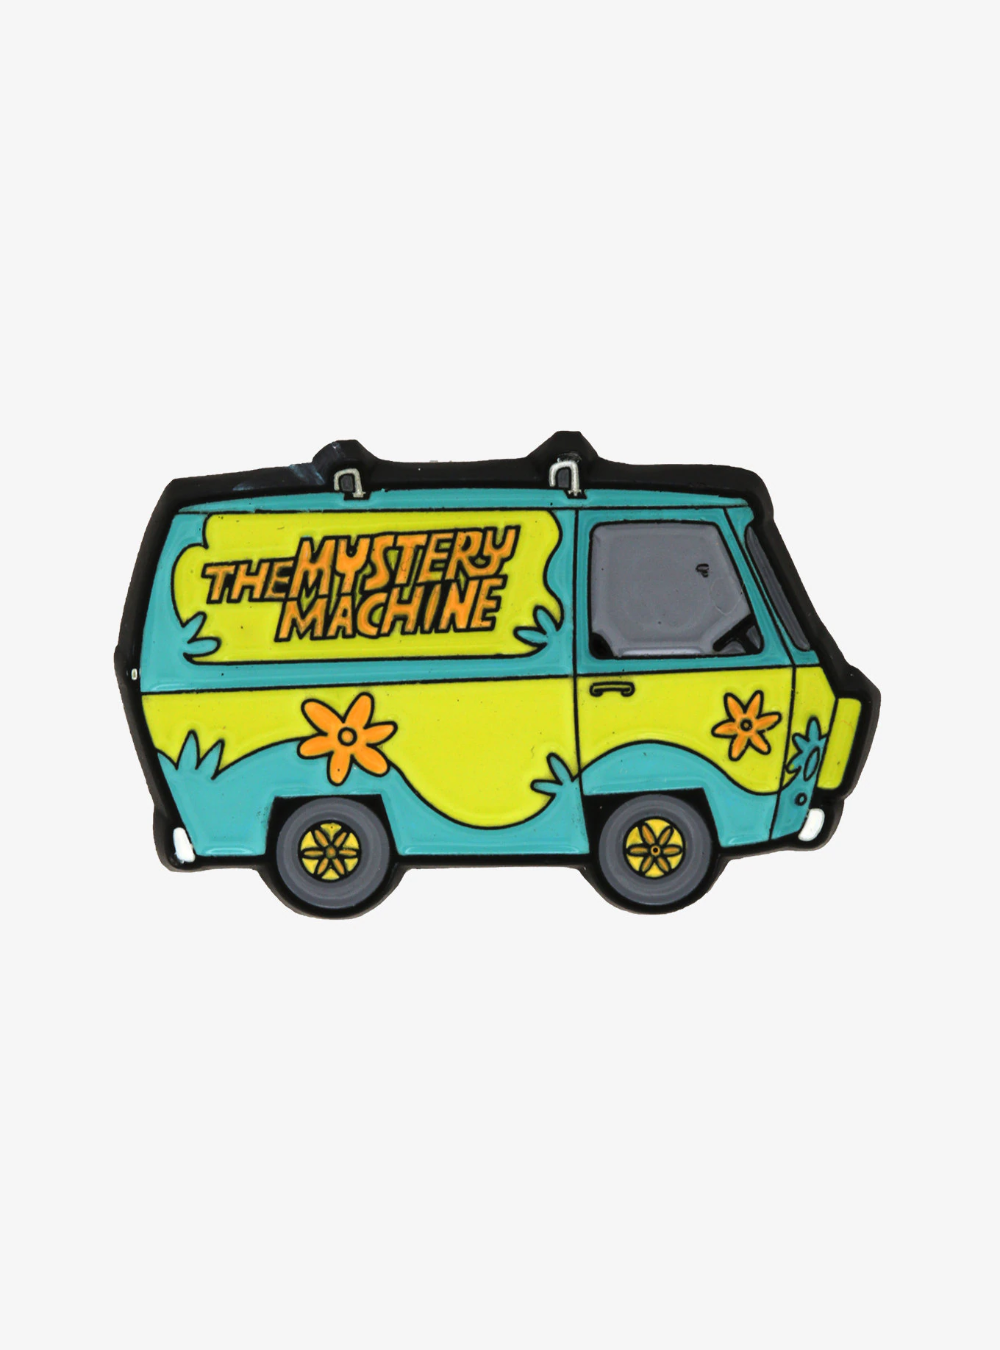 Pin By Monkey Masuda On Pins I Want Scooby Doo Mystery Enamel Pins Scooby Doo